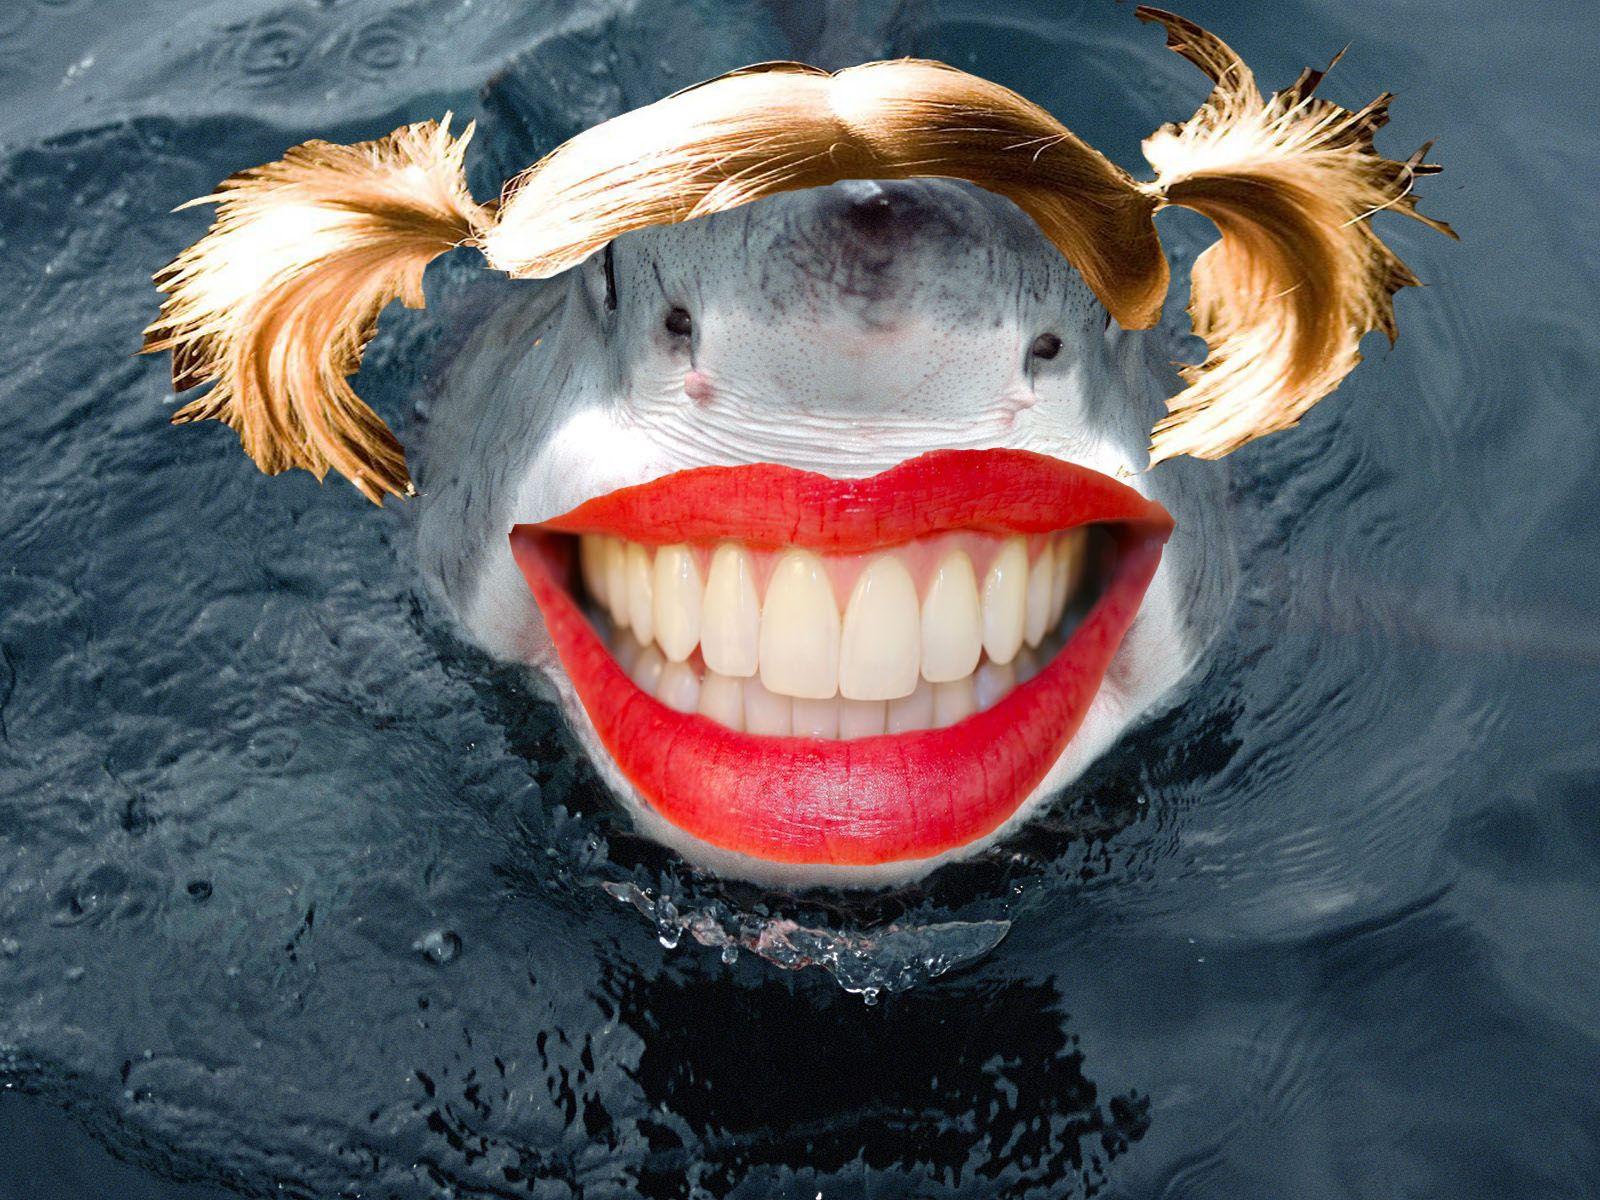 Котами, смешные картинки с акулами